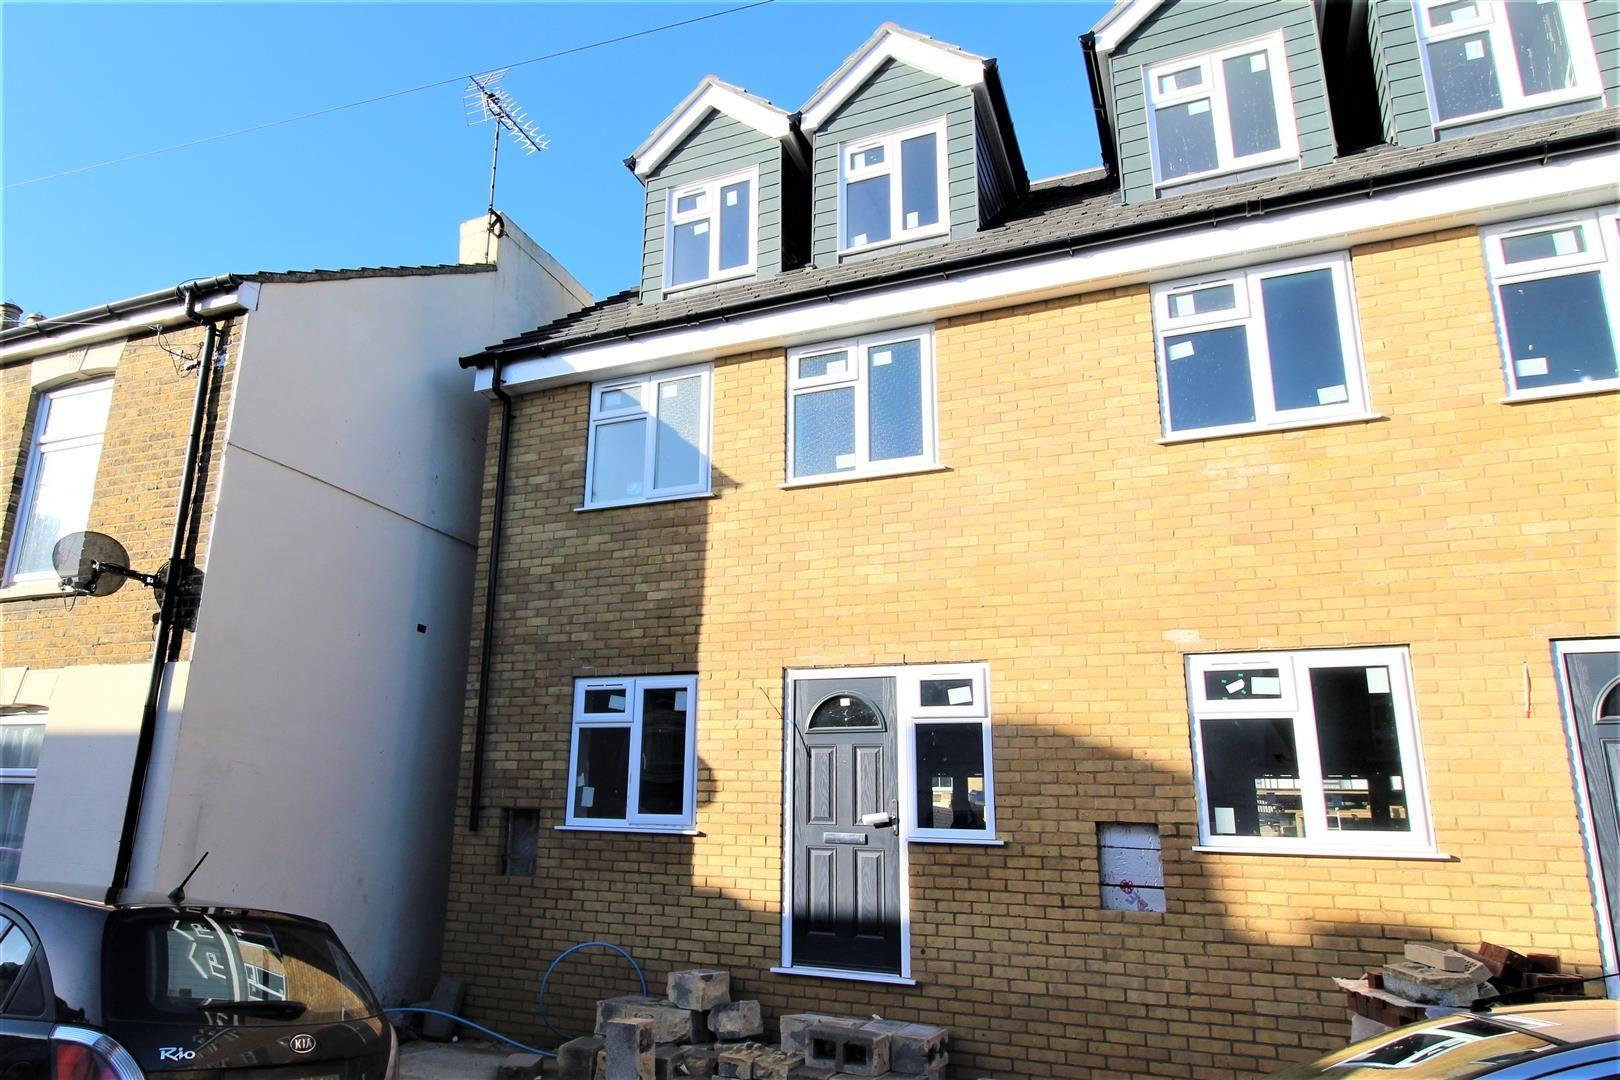 Property photo 1 of 2. Description